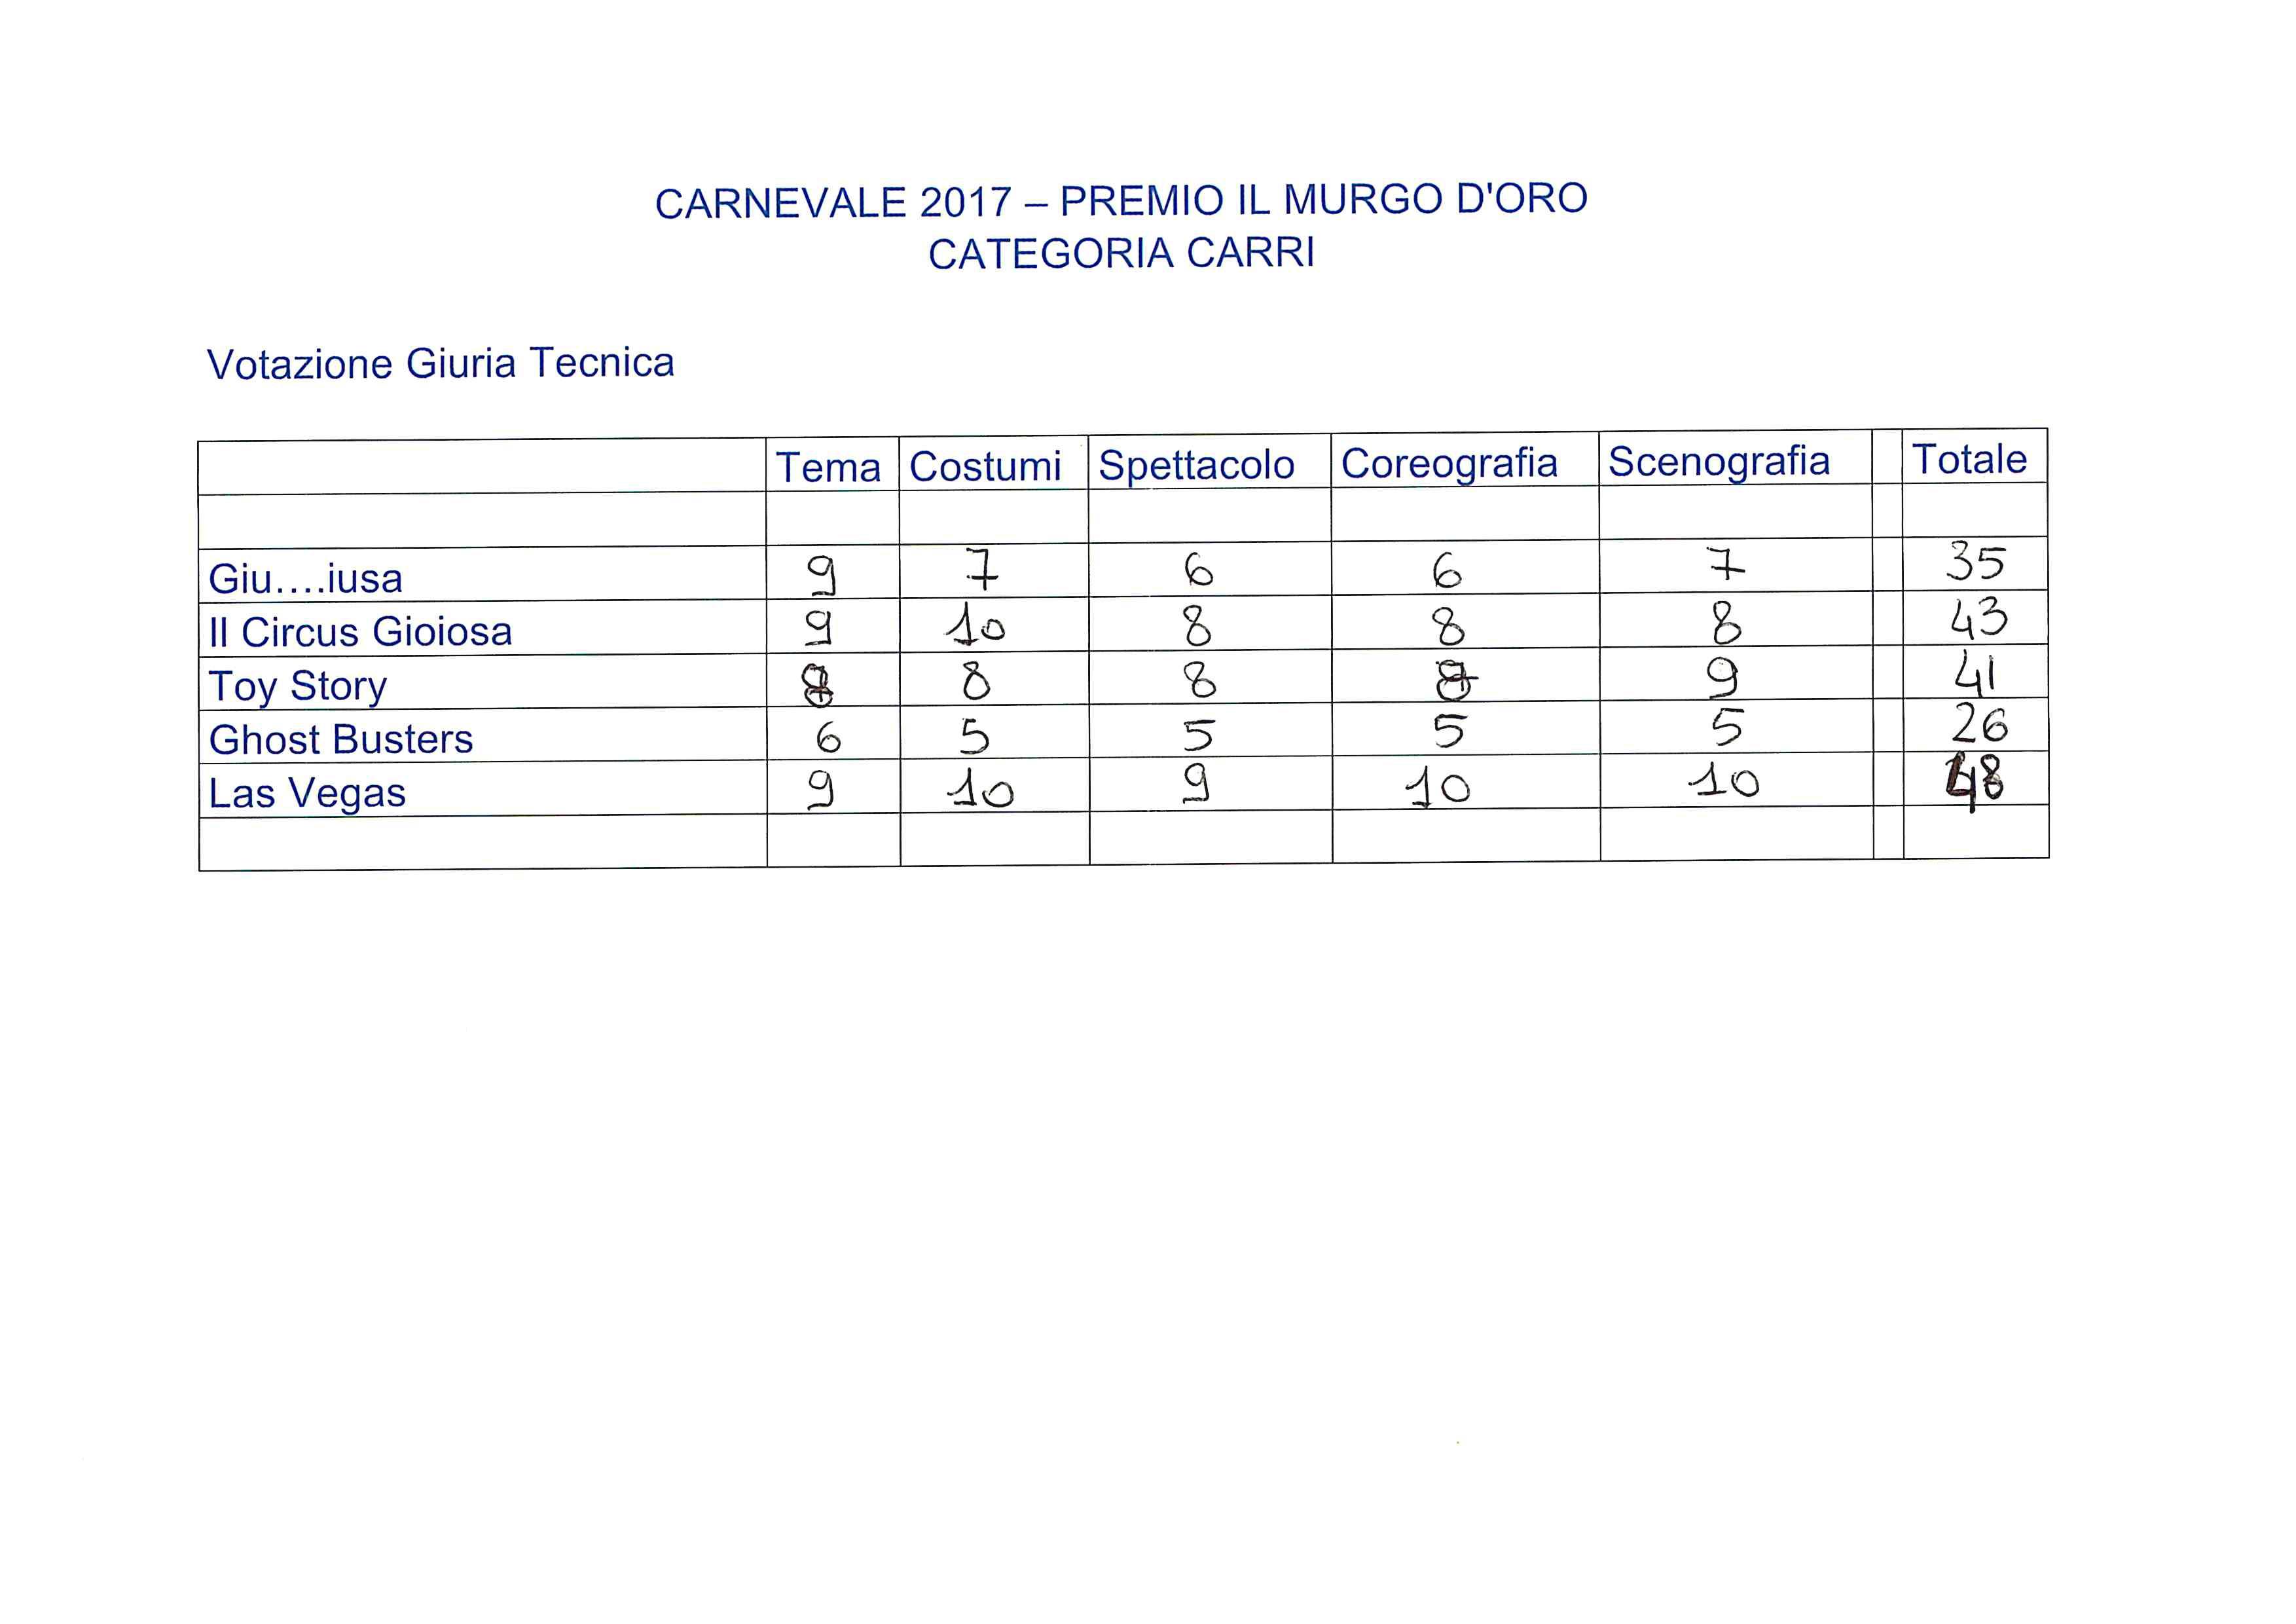 SCHEDE CARRI_Pagina_1